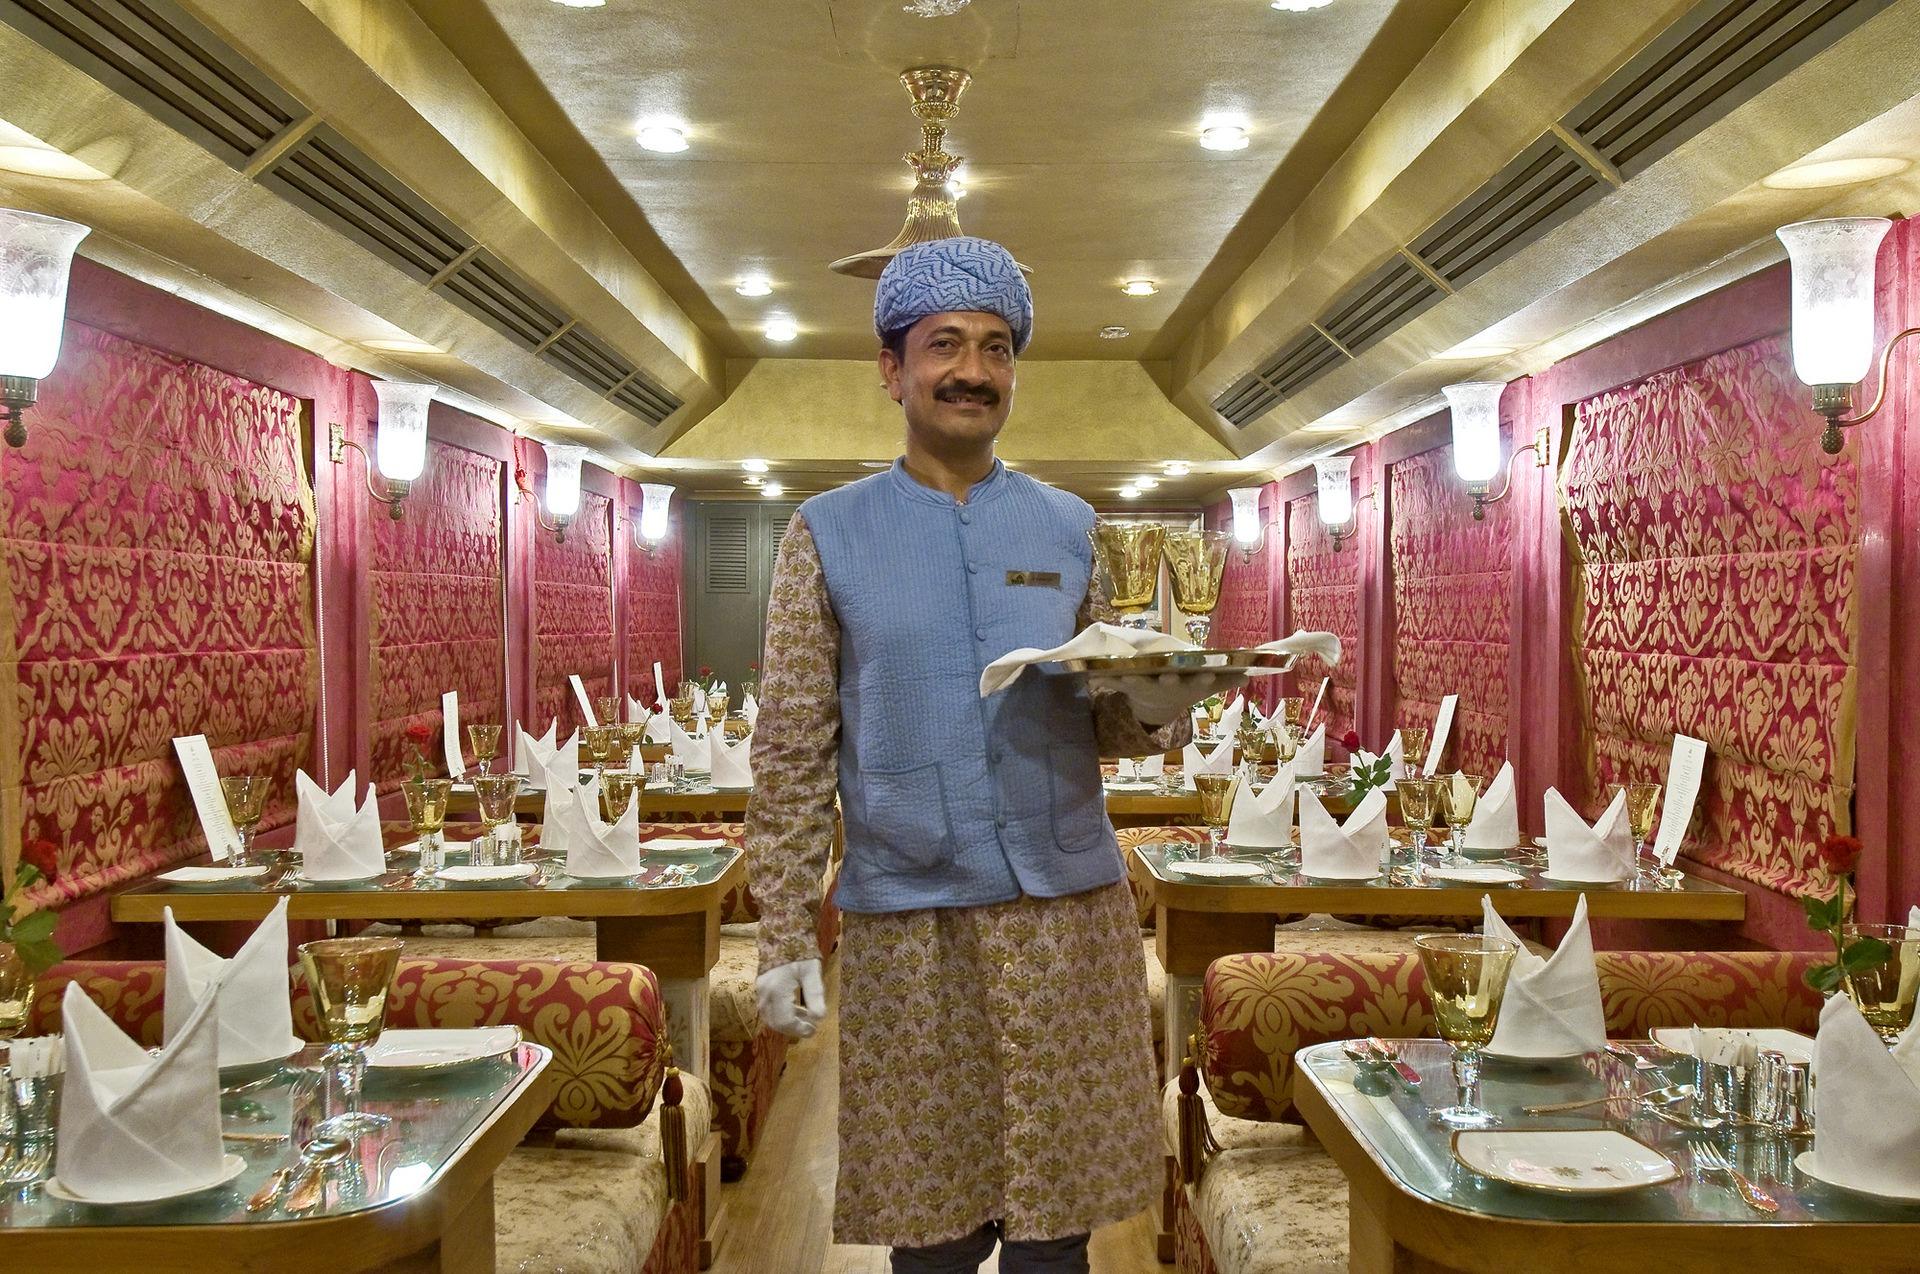 NOMAD-luksusowe-pociągi-Royal-Rajasthan-on-wheels-Indie-09